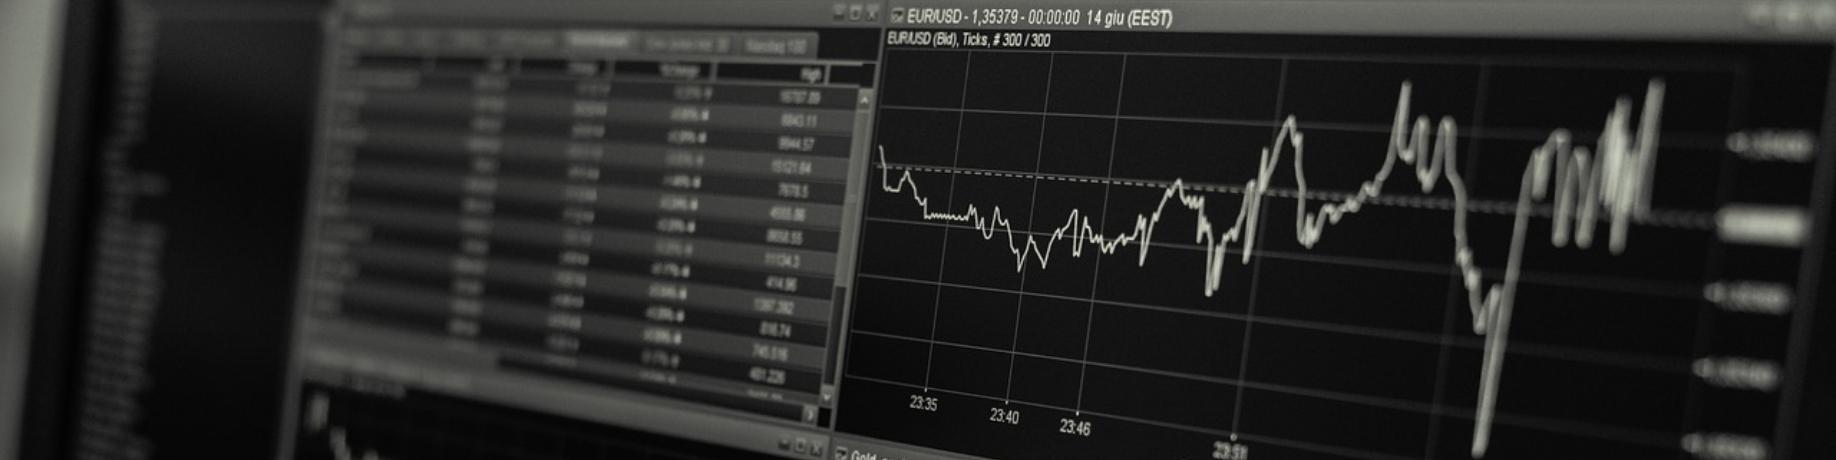 股市翻身大作戰:帶你搭上飆股直達車,重新定義【暴利的真諦】!